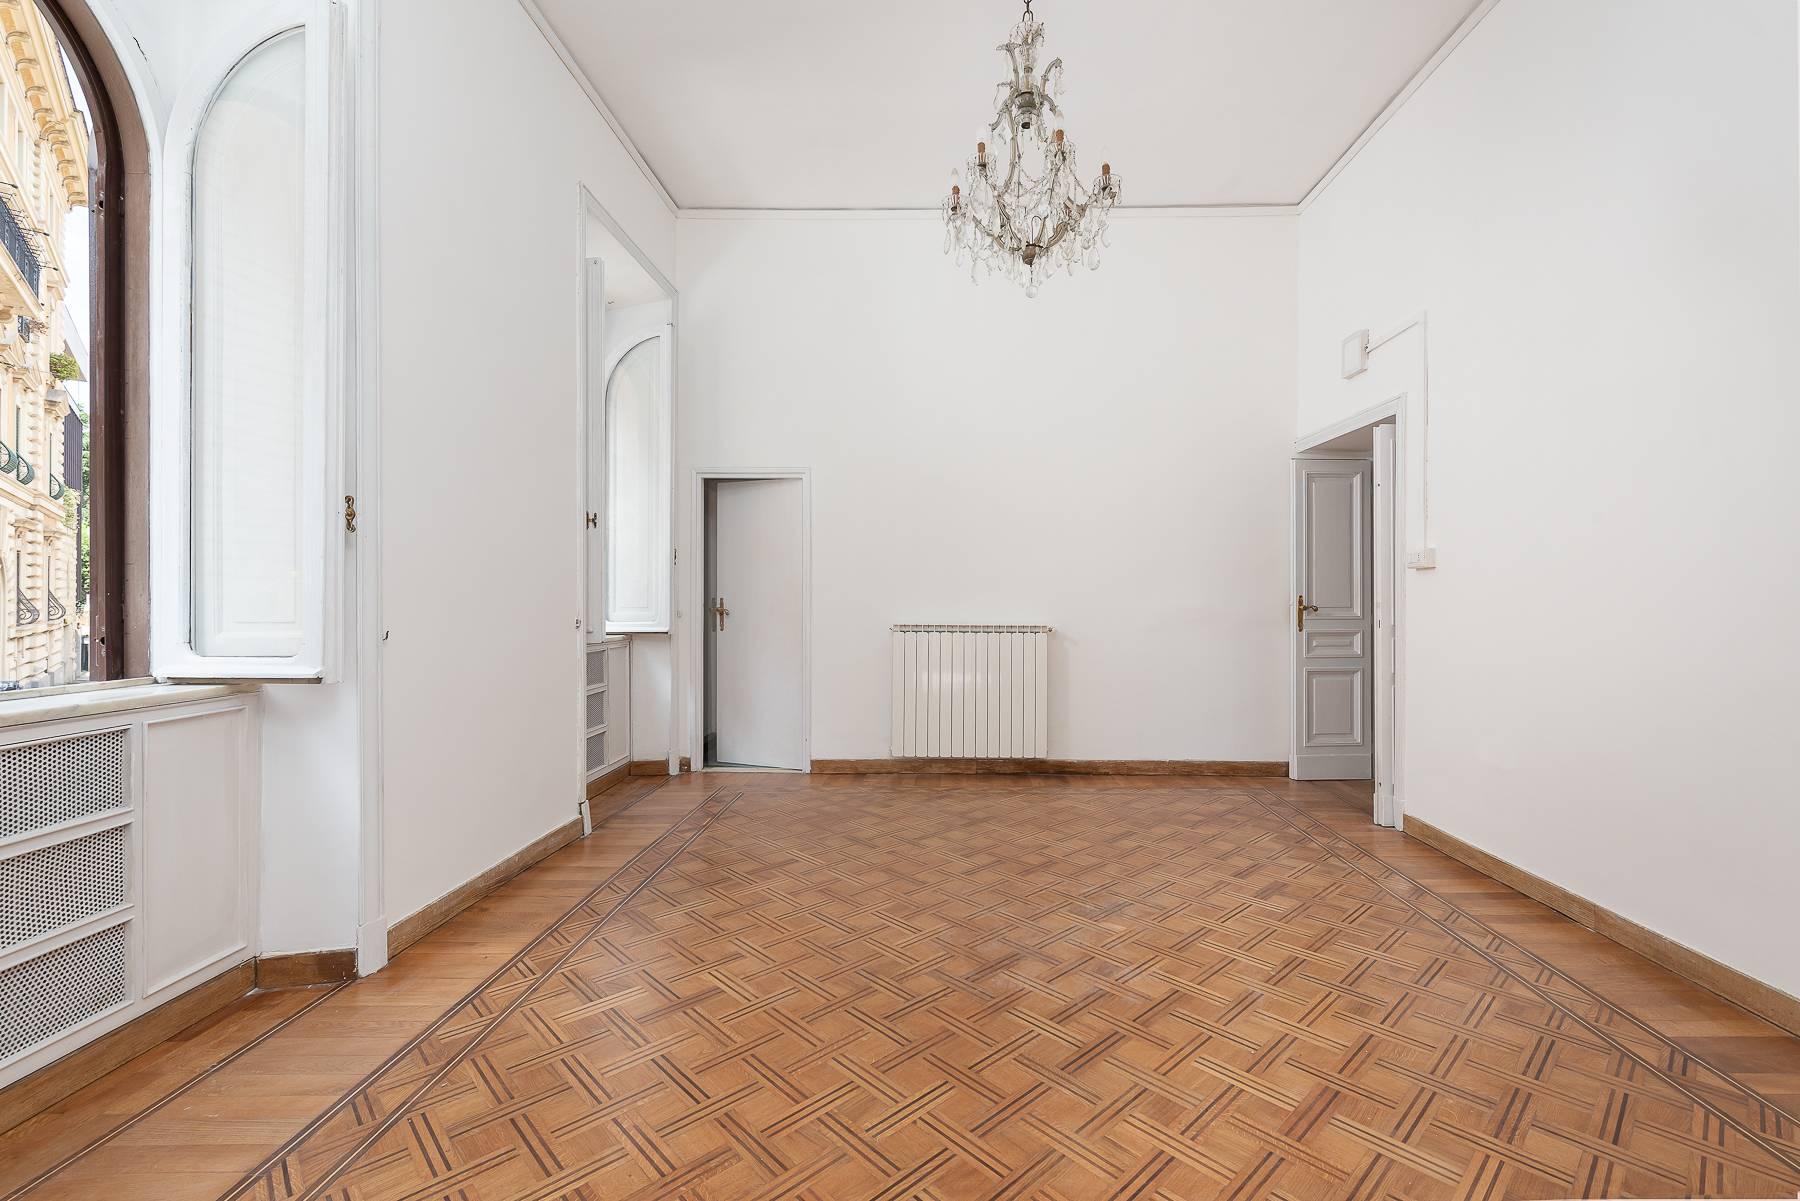 Ufficio-studio in Vendita a Roma: 5 locali, 322 mq - Foto 5